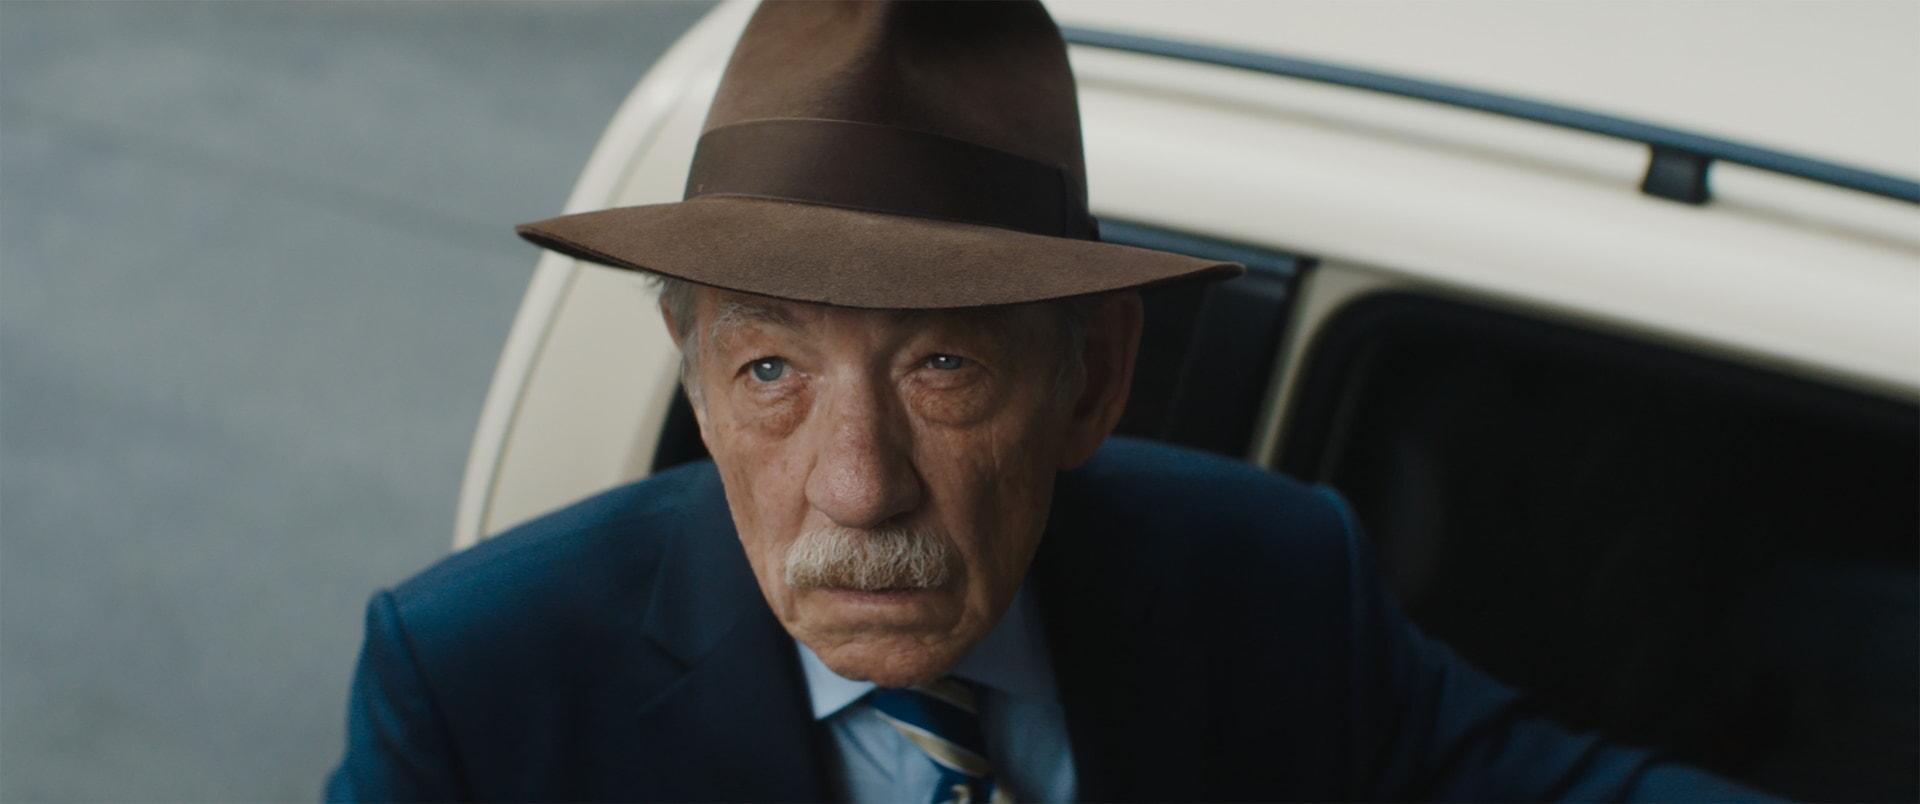 Ian McKellen in The Good Liar